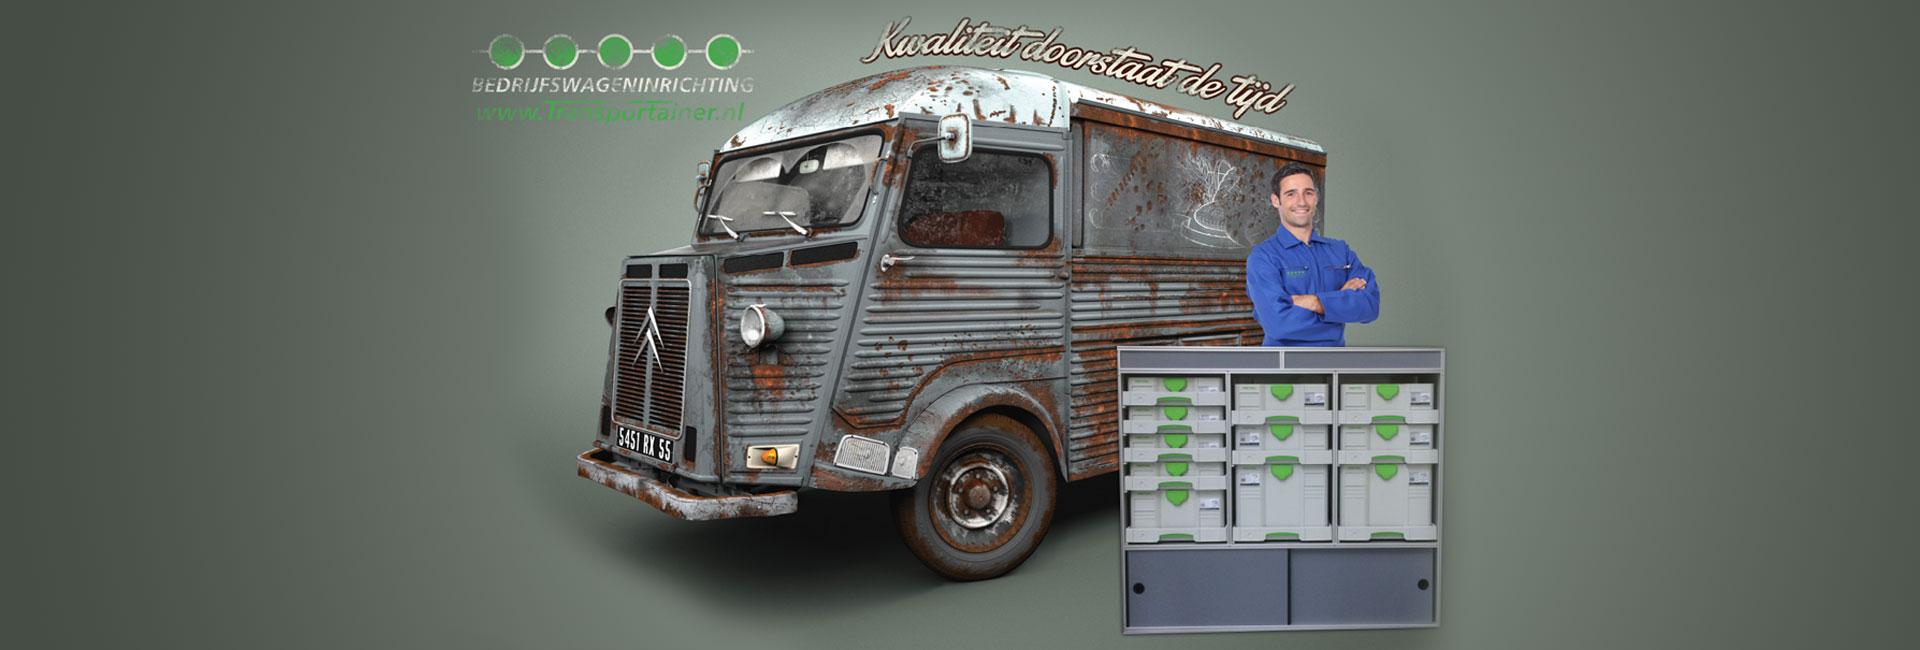 transportainer-bedrijfswageninrichting-kwaliteit-doorstaat-de-tijd